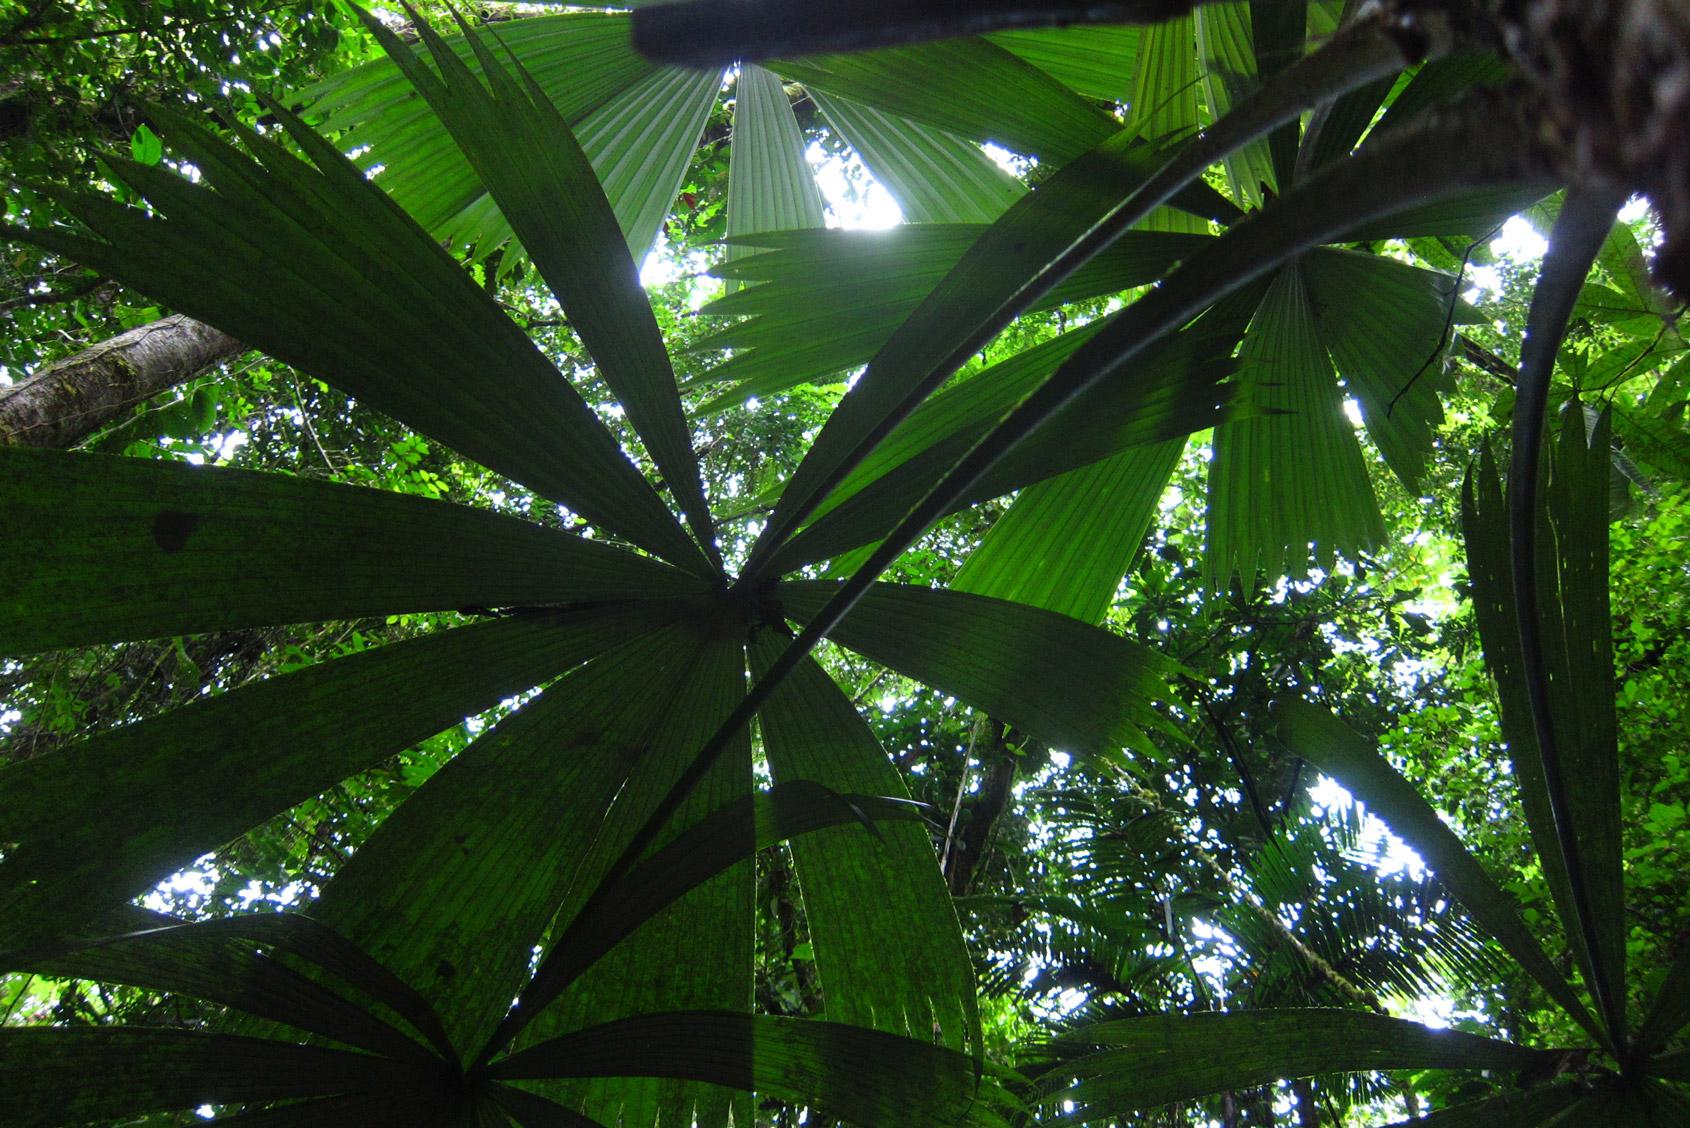 reserva natural el almejal, hotel el almejal pacifico colombiano